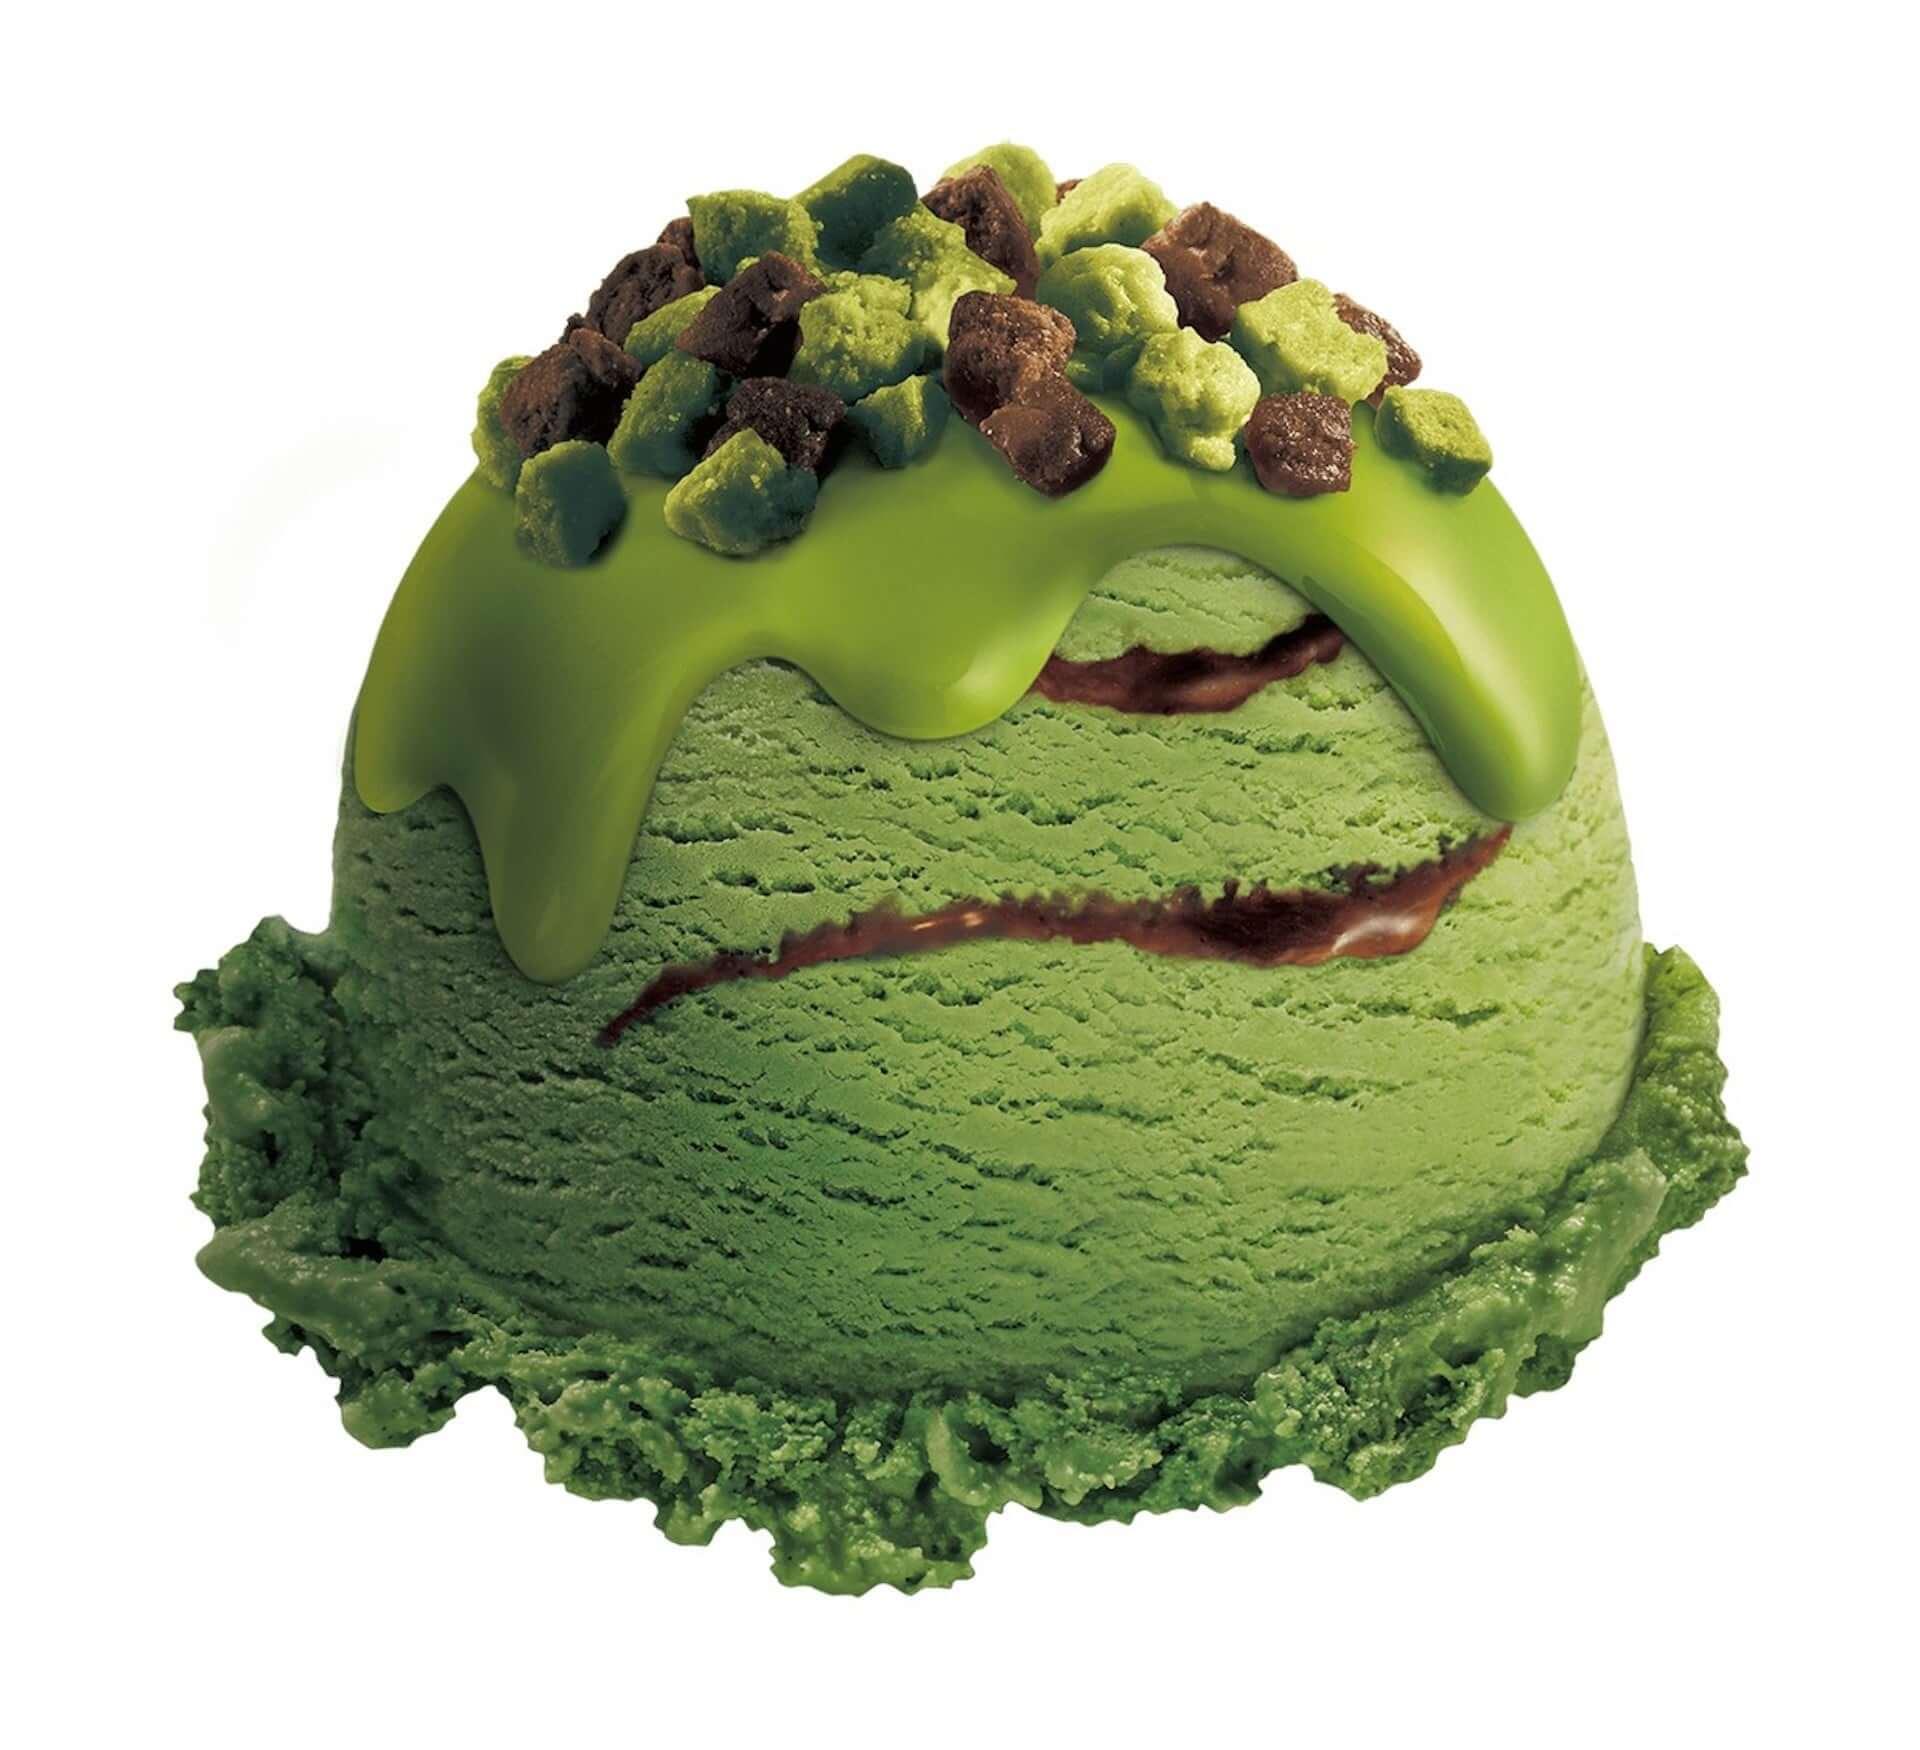 ザクザク食感がたまらないハーゲンダッツ ミニカップ新作『抹茶チョコレートクッキー』が登場!混ぜても美味しい『アーモンドキャラメルクッキー』も期間限定発売 gourmet210322_haagen-dazs_5-1920x1750